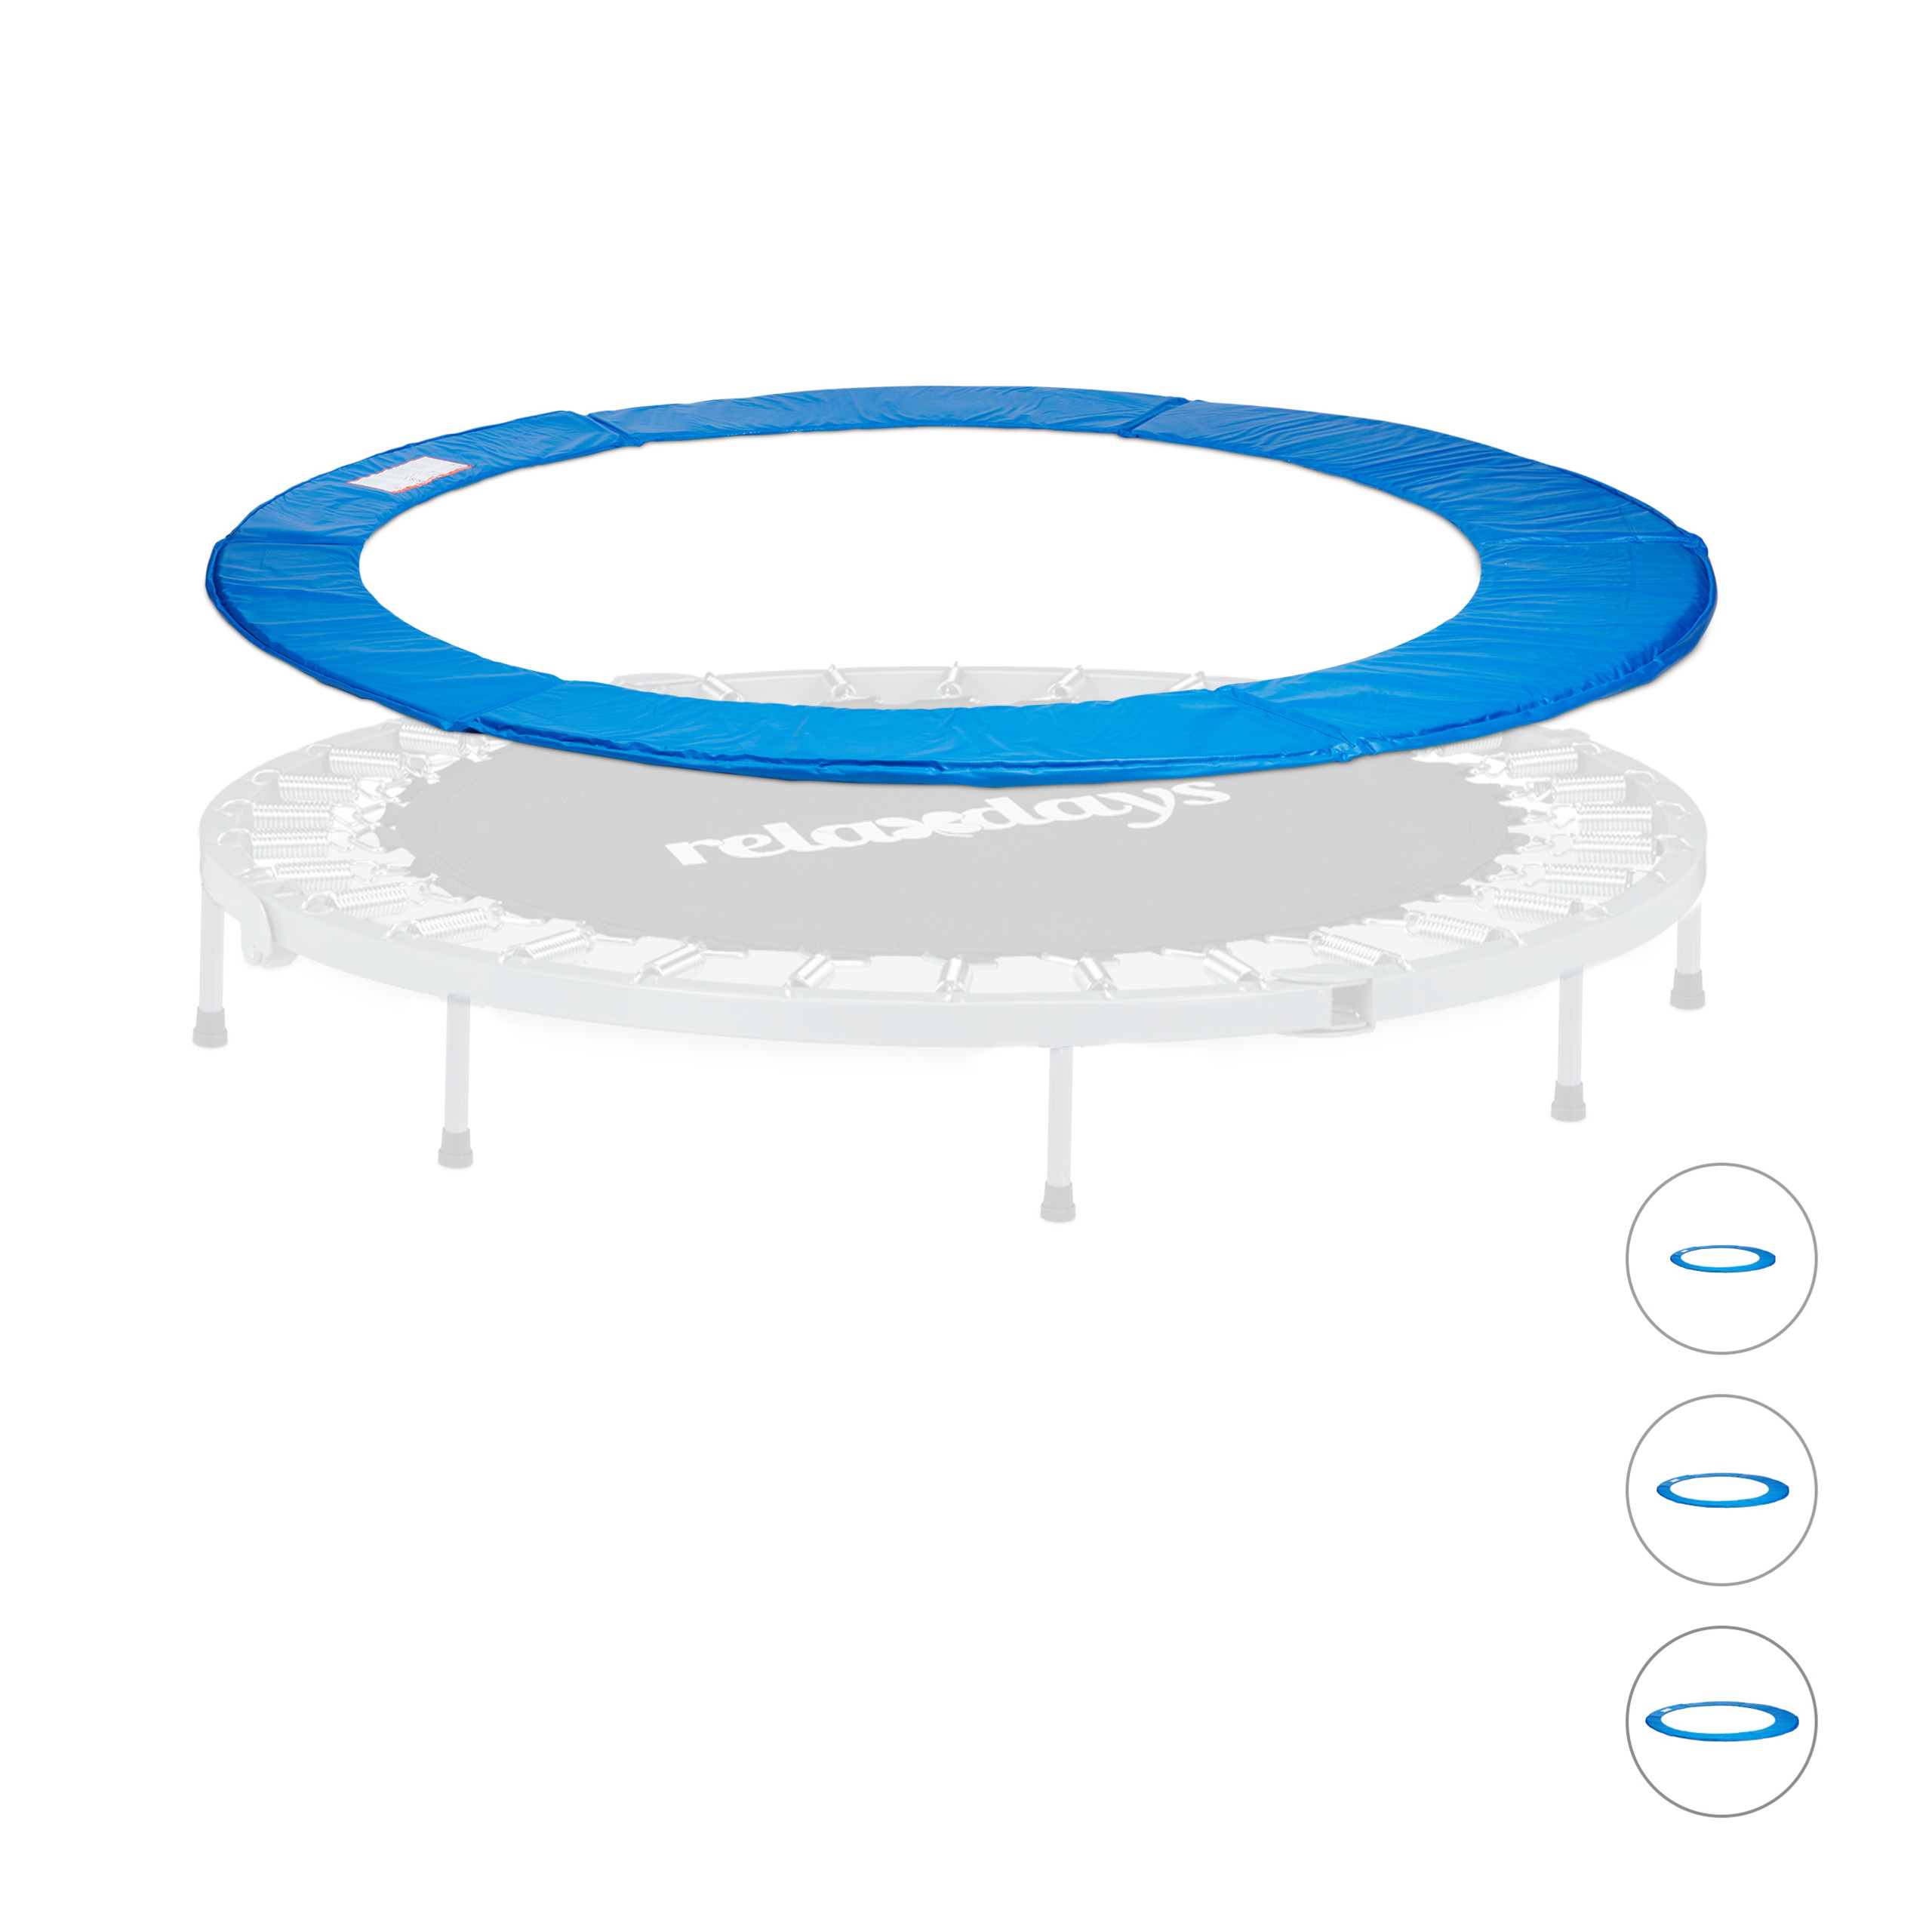 Copri-molla per trampolino tappeto elastico accessori ricambi 244 305 366 427 cm